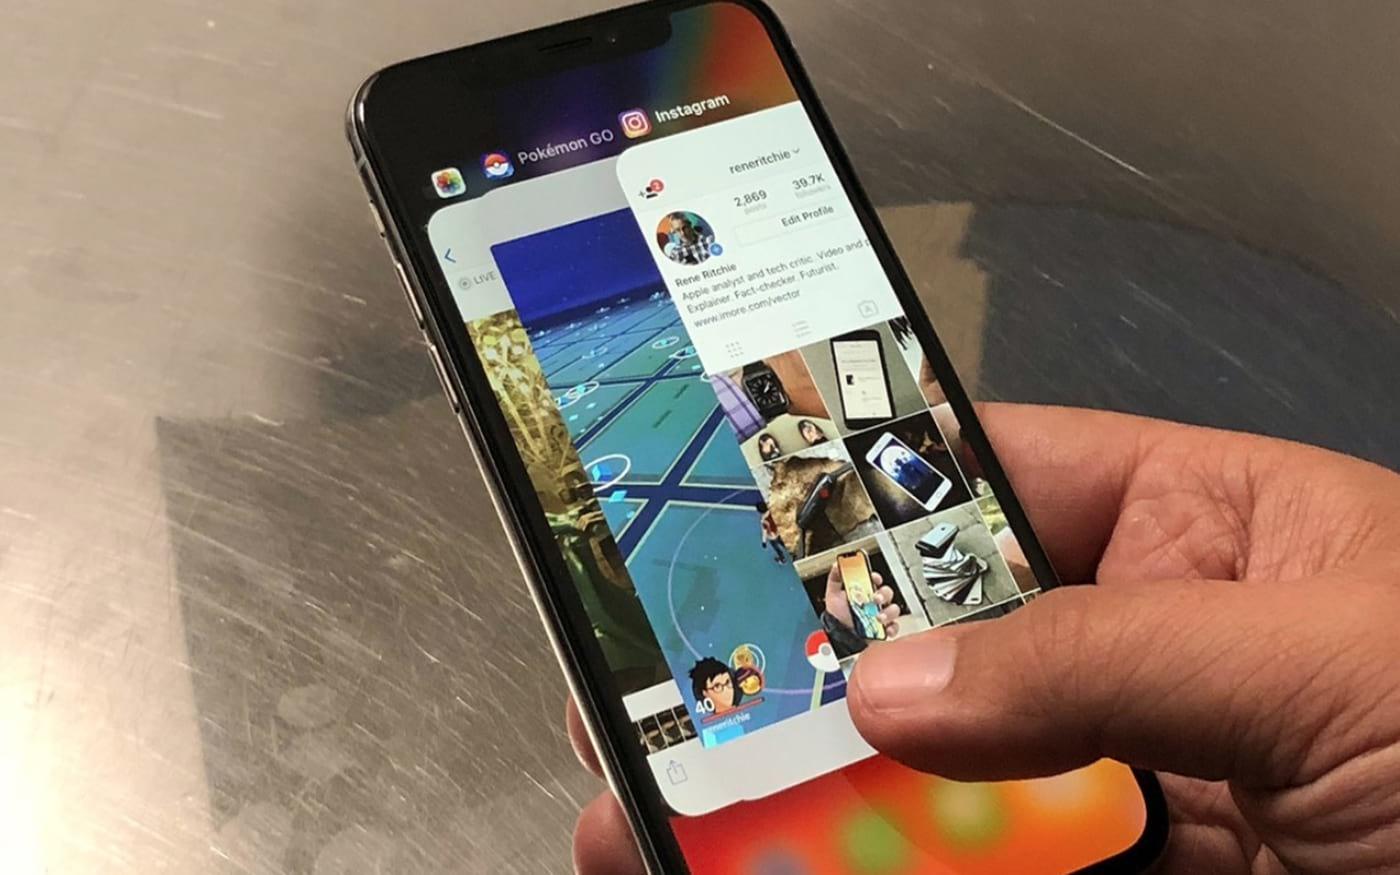 Aplicativos não abrem ou fecham sozinhos no iPhone? Saiba como resolver este problema